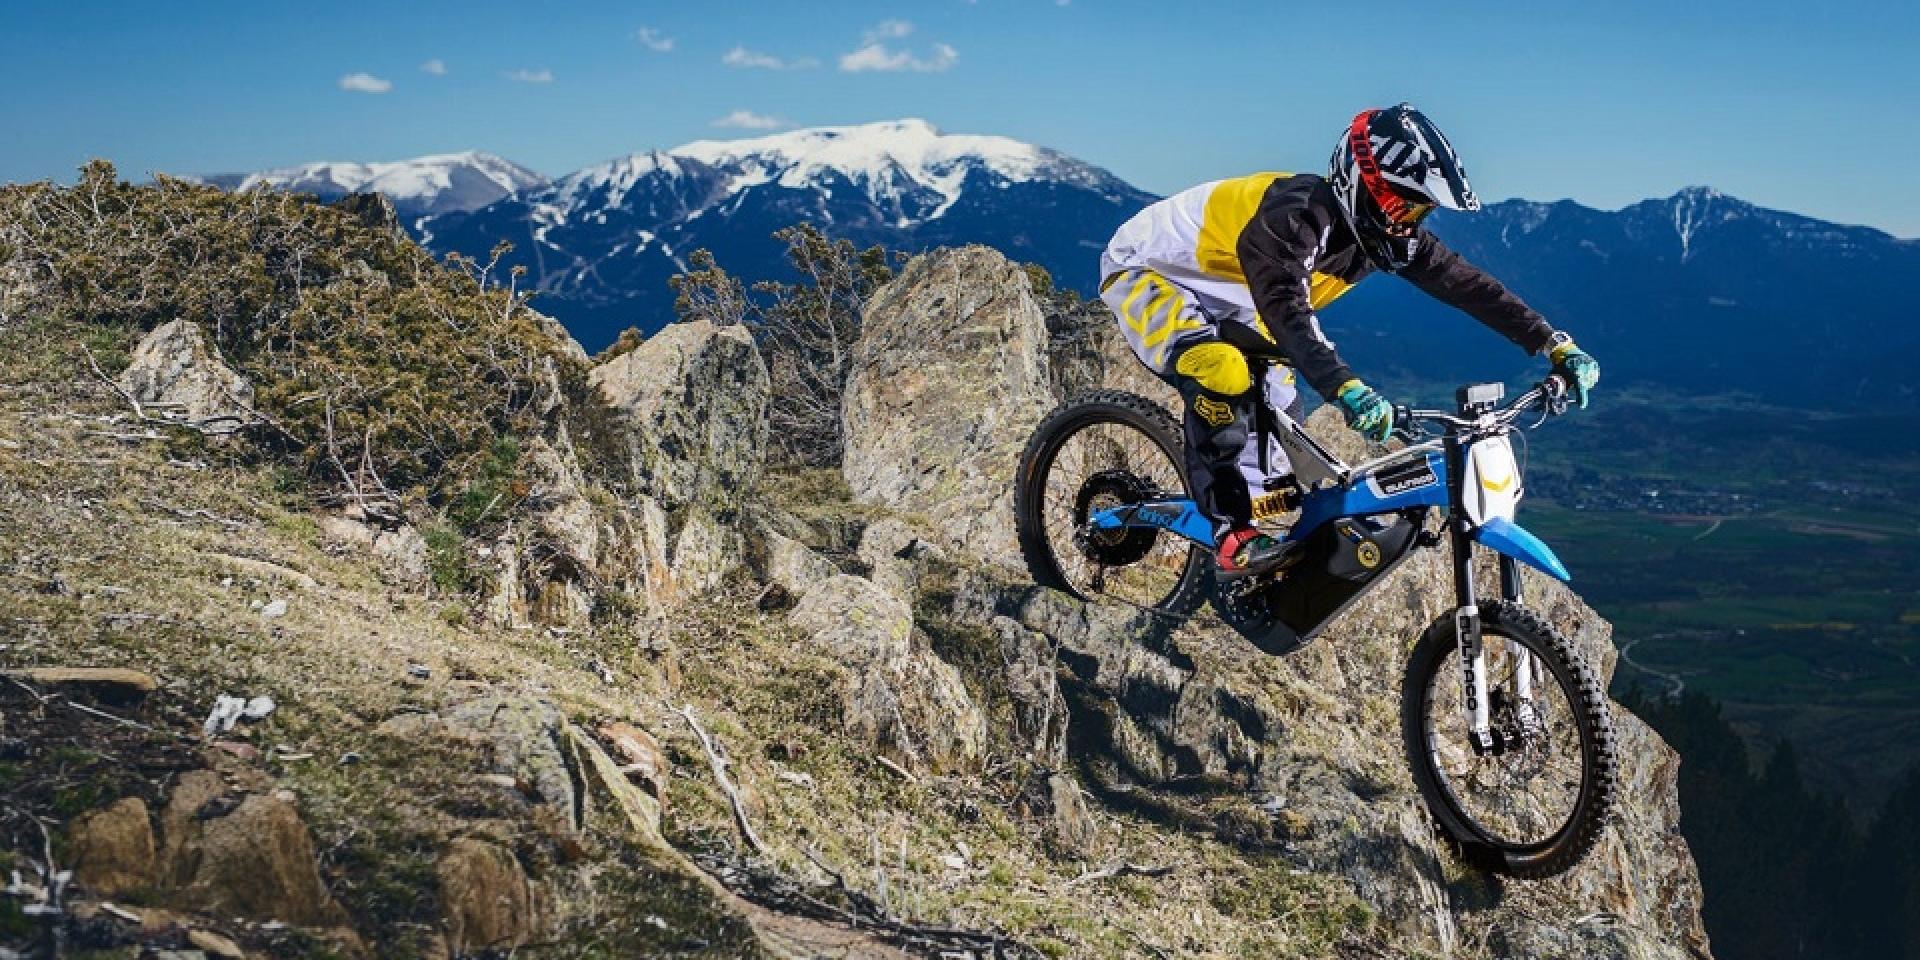 越野車or自行車?Bultaco Brinco R帶來全新定義